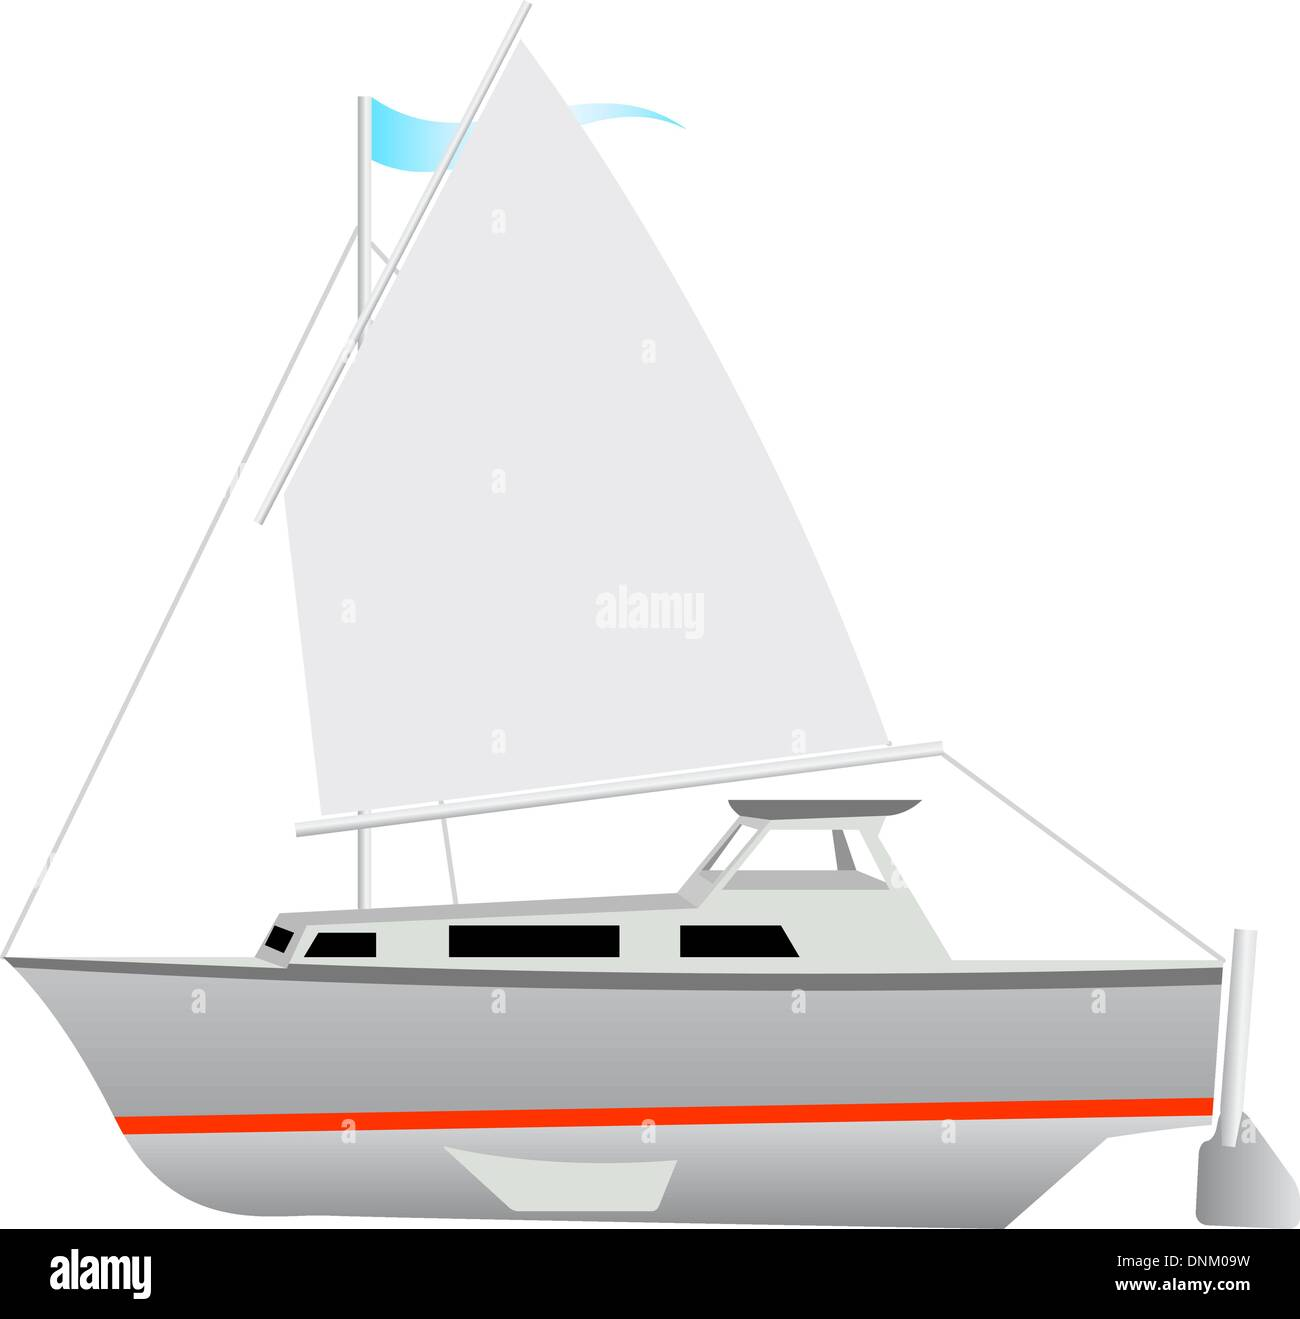 Barca a vela flottanti. Illustrazione Vettoriale. Immagini Stock